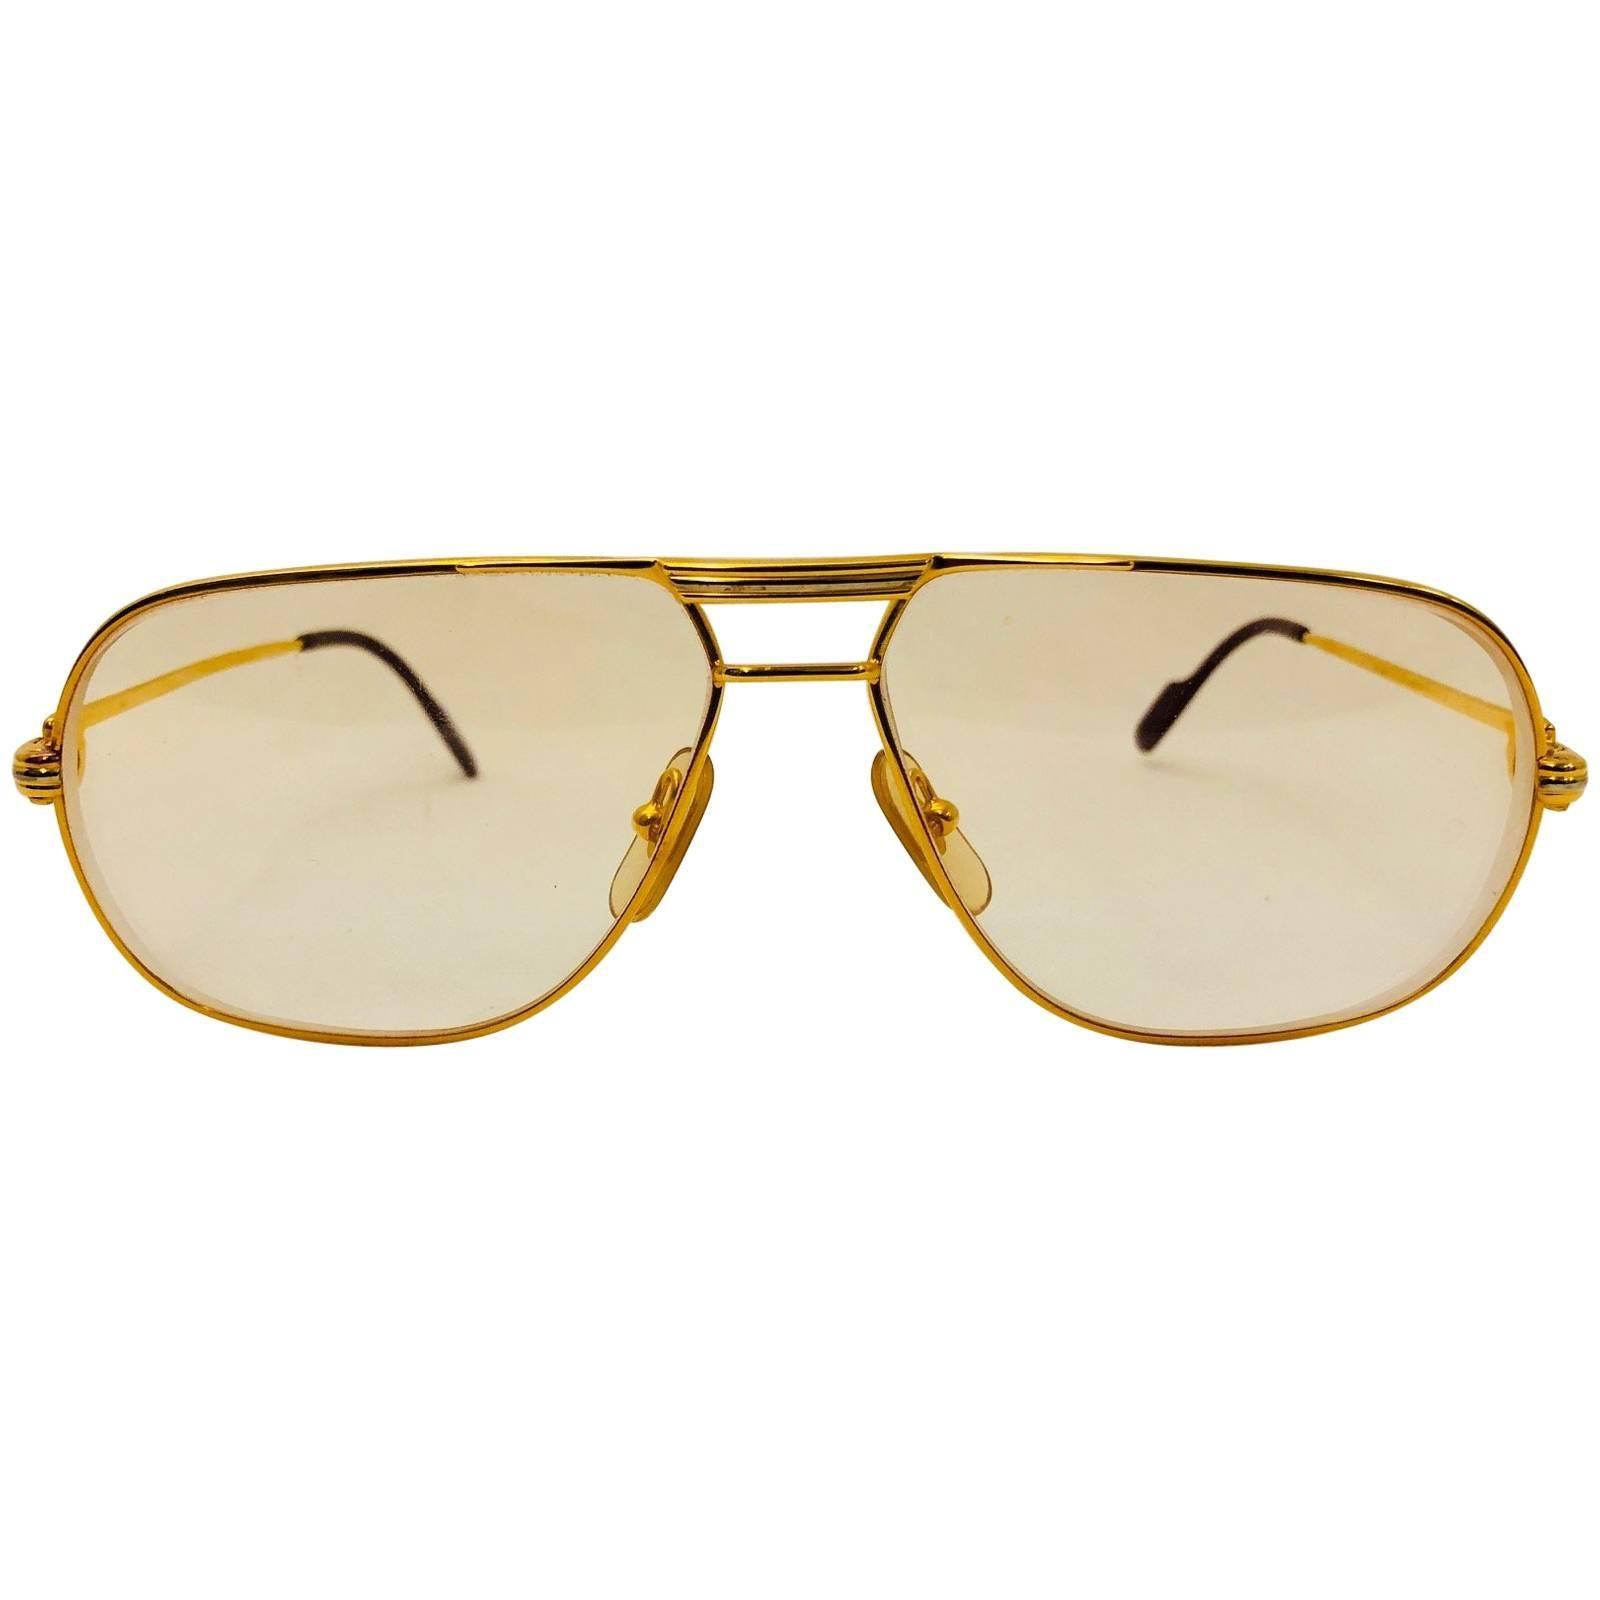 006afaa0433d Cartier Vintage Vendome Glasses 59 14